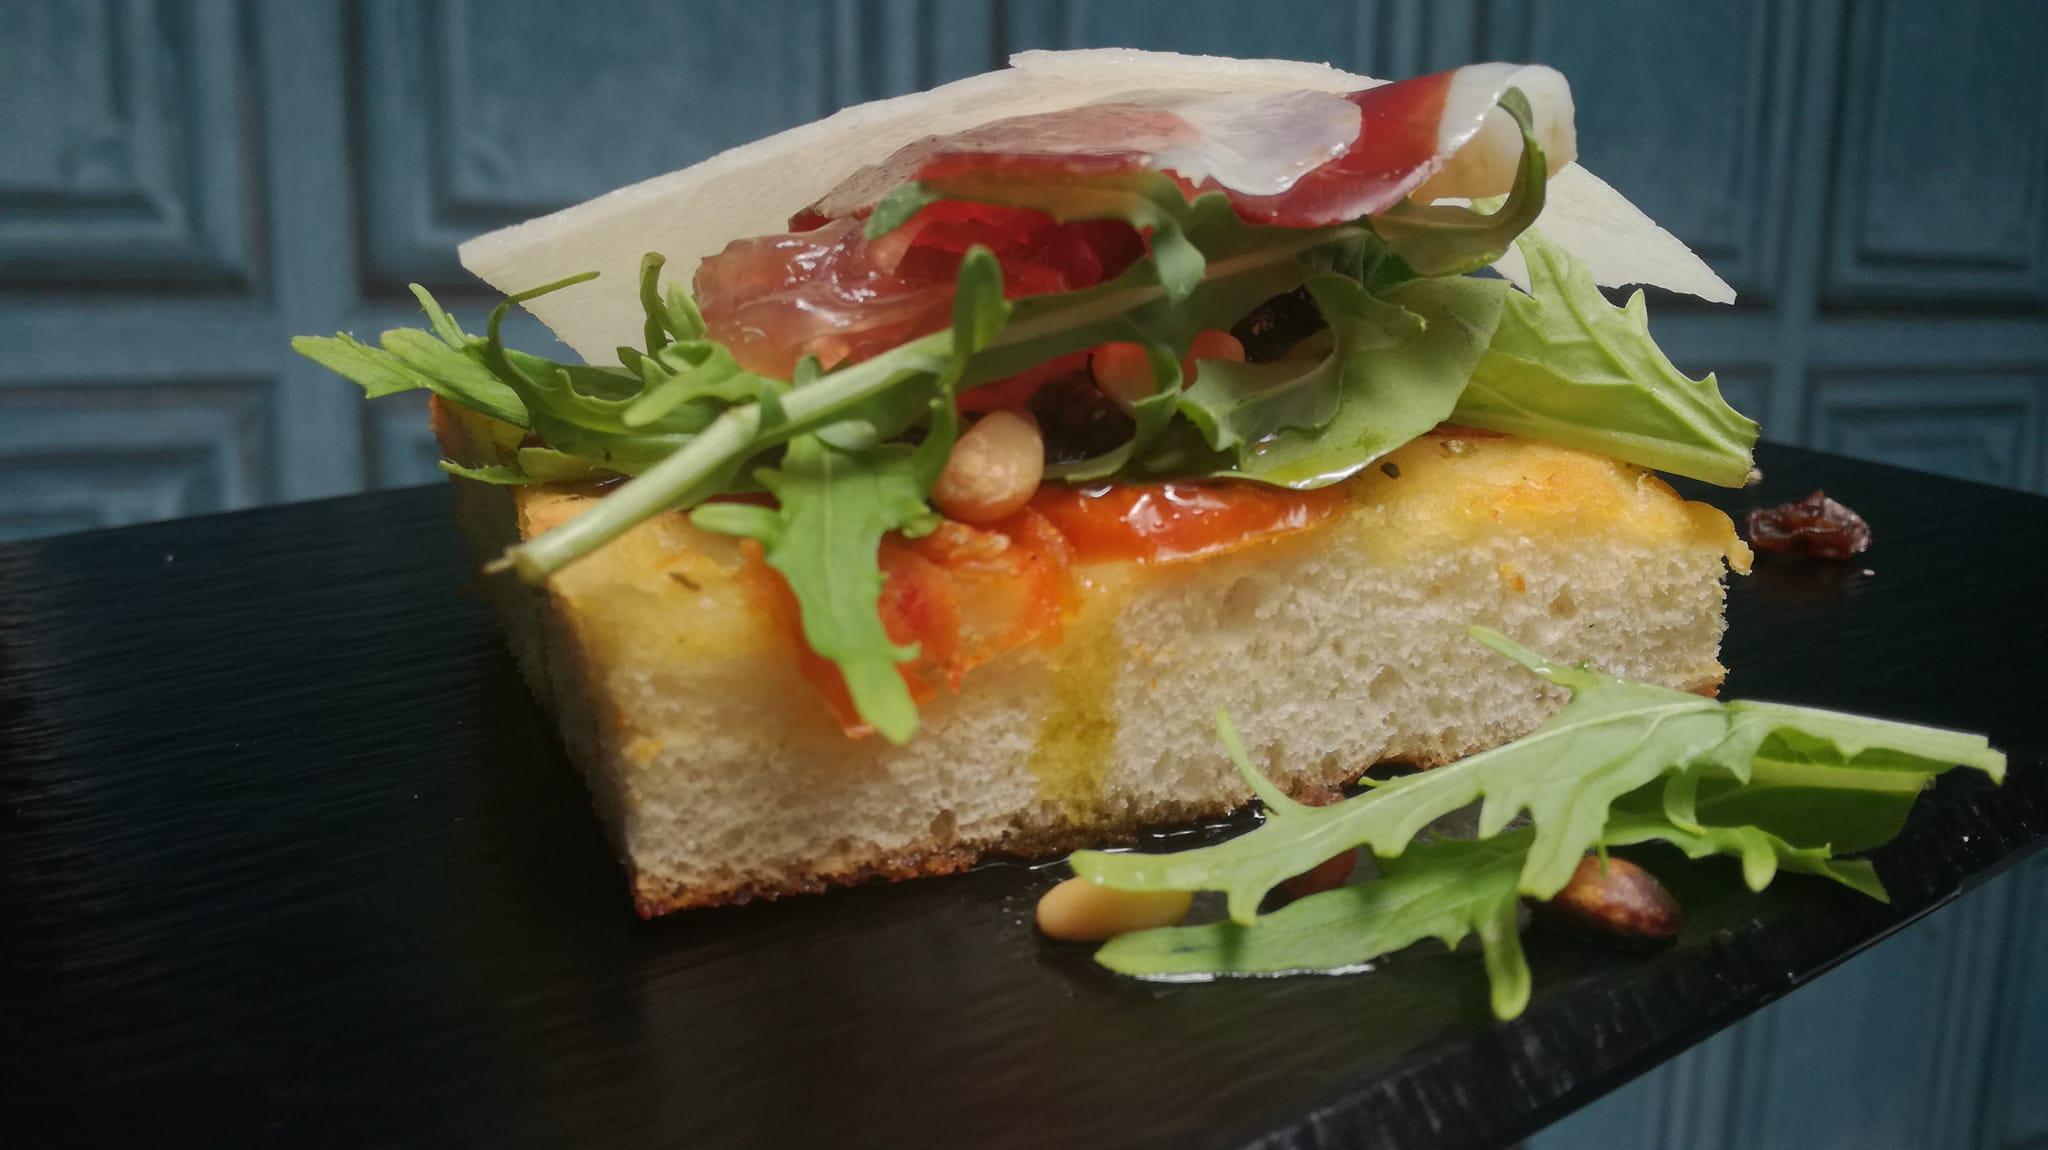 rucula y gastonomia italiana 1 - La rúcula, un ingrediente estrella en la cocina italiana